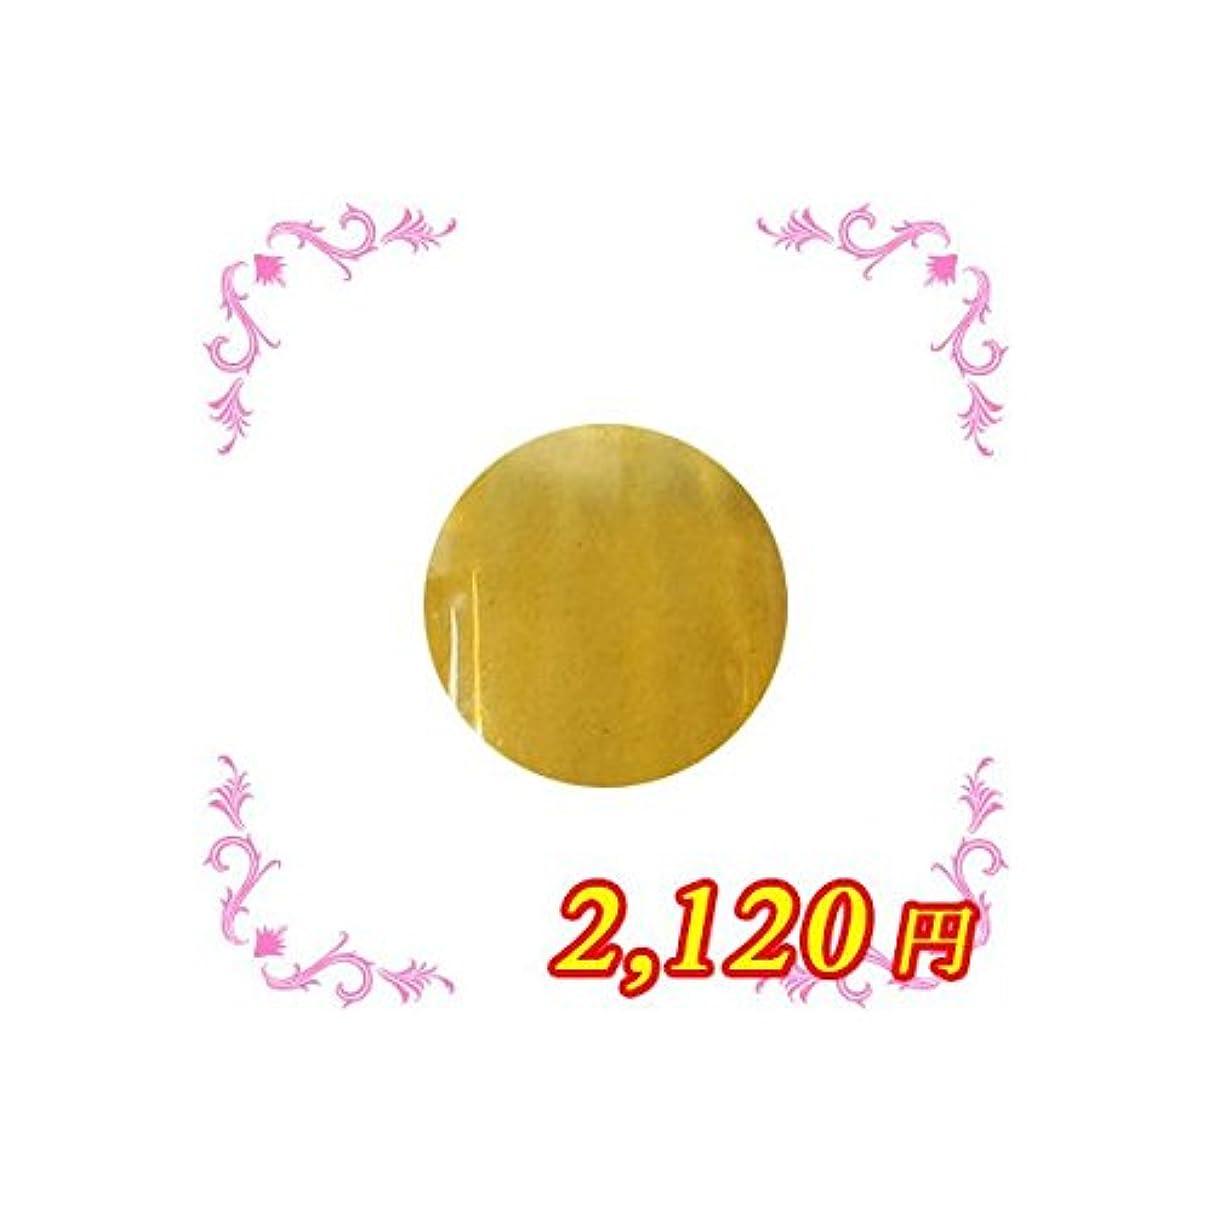 速度九テクスチャーVETRO ベトロ NO.19 カラージェル 4ml VL260ジュエルトパース゛